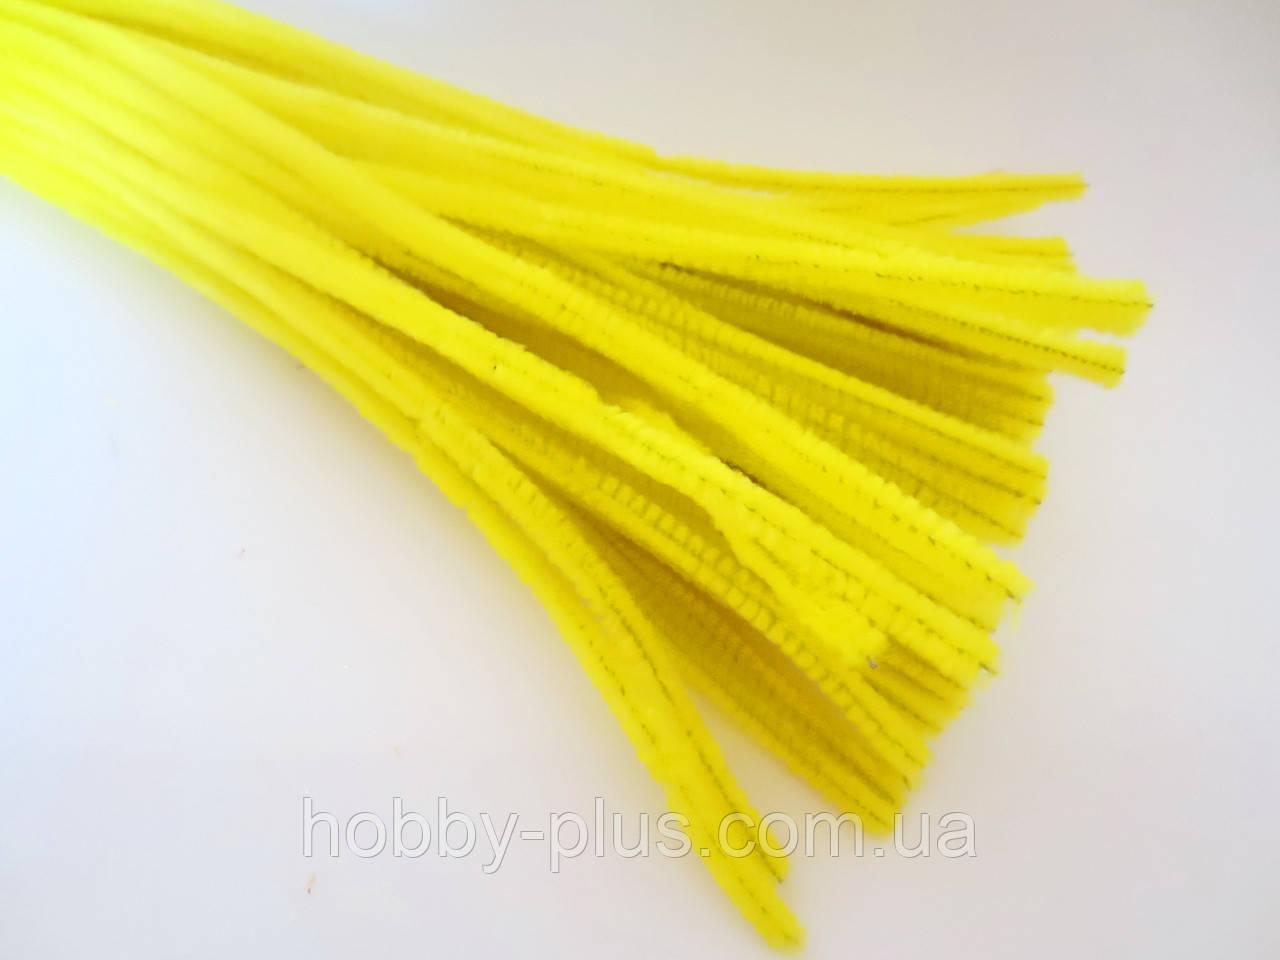 Синельная проволока, 30 см, цвет - желтый, 10 шт